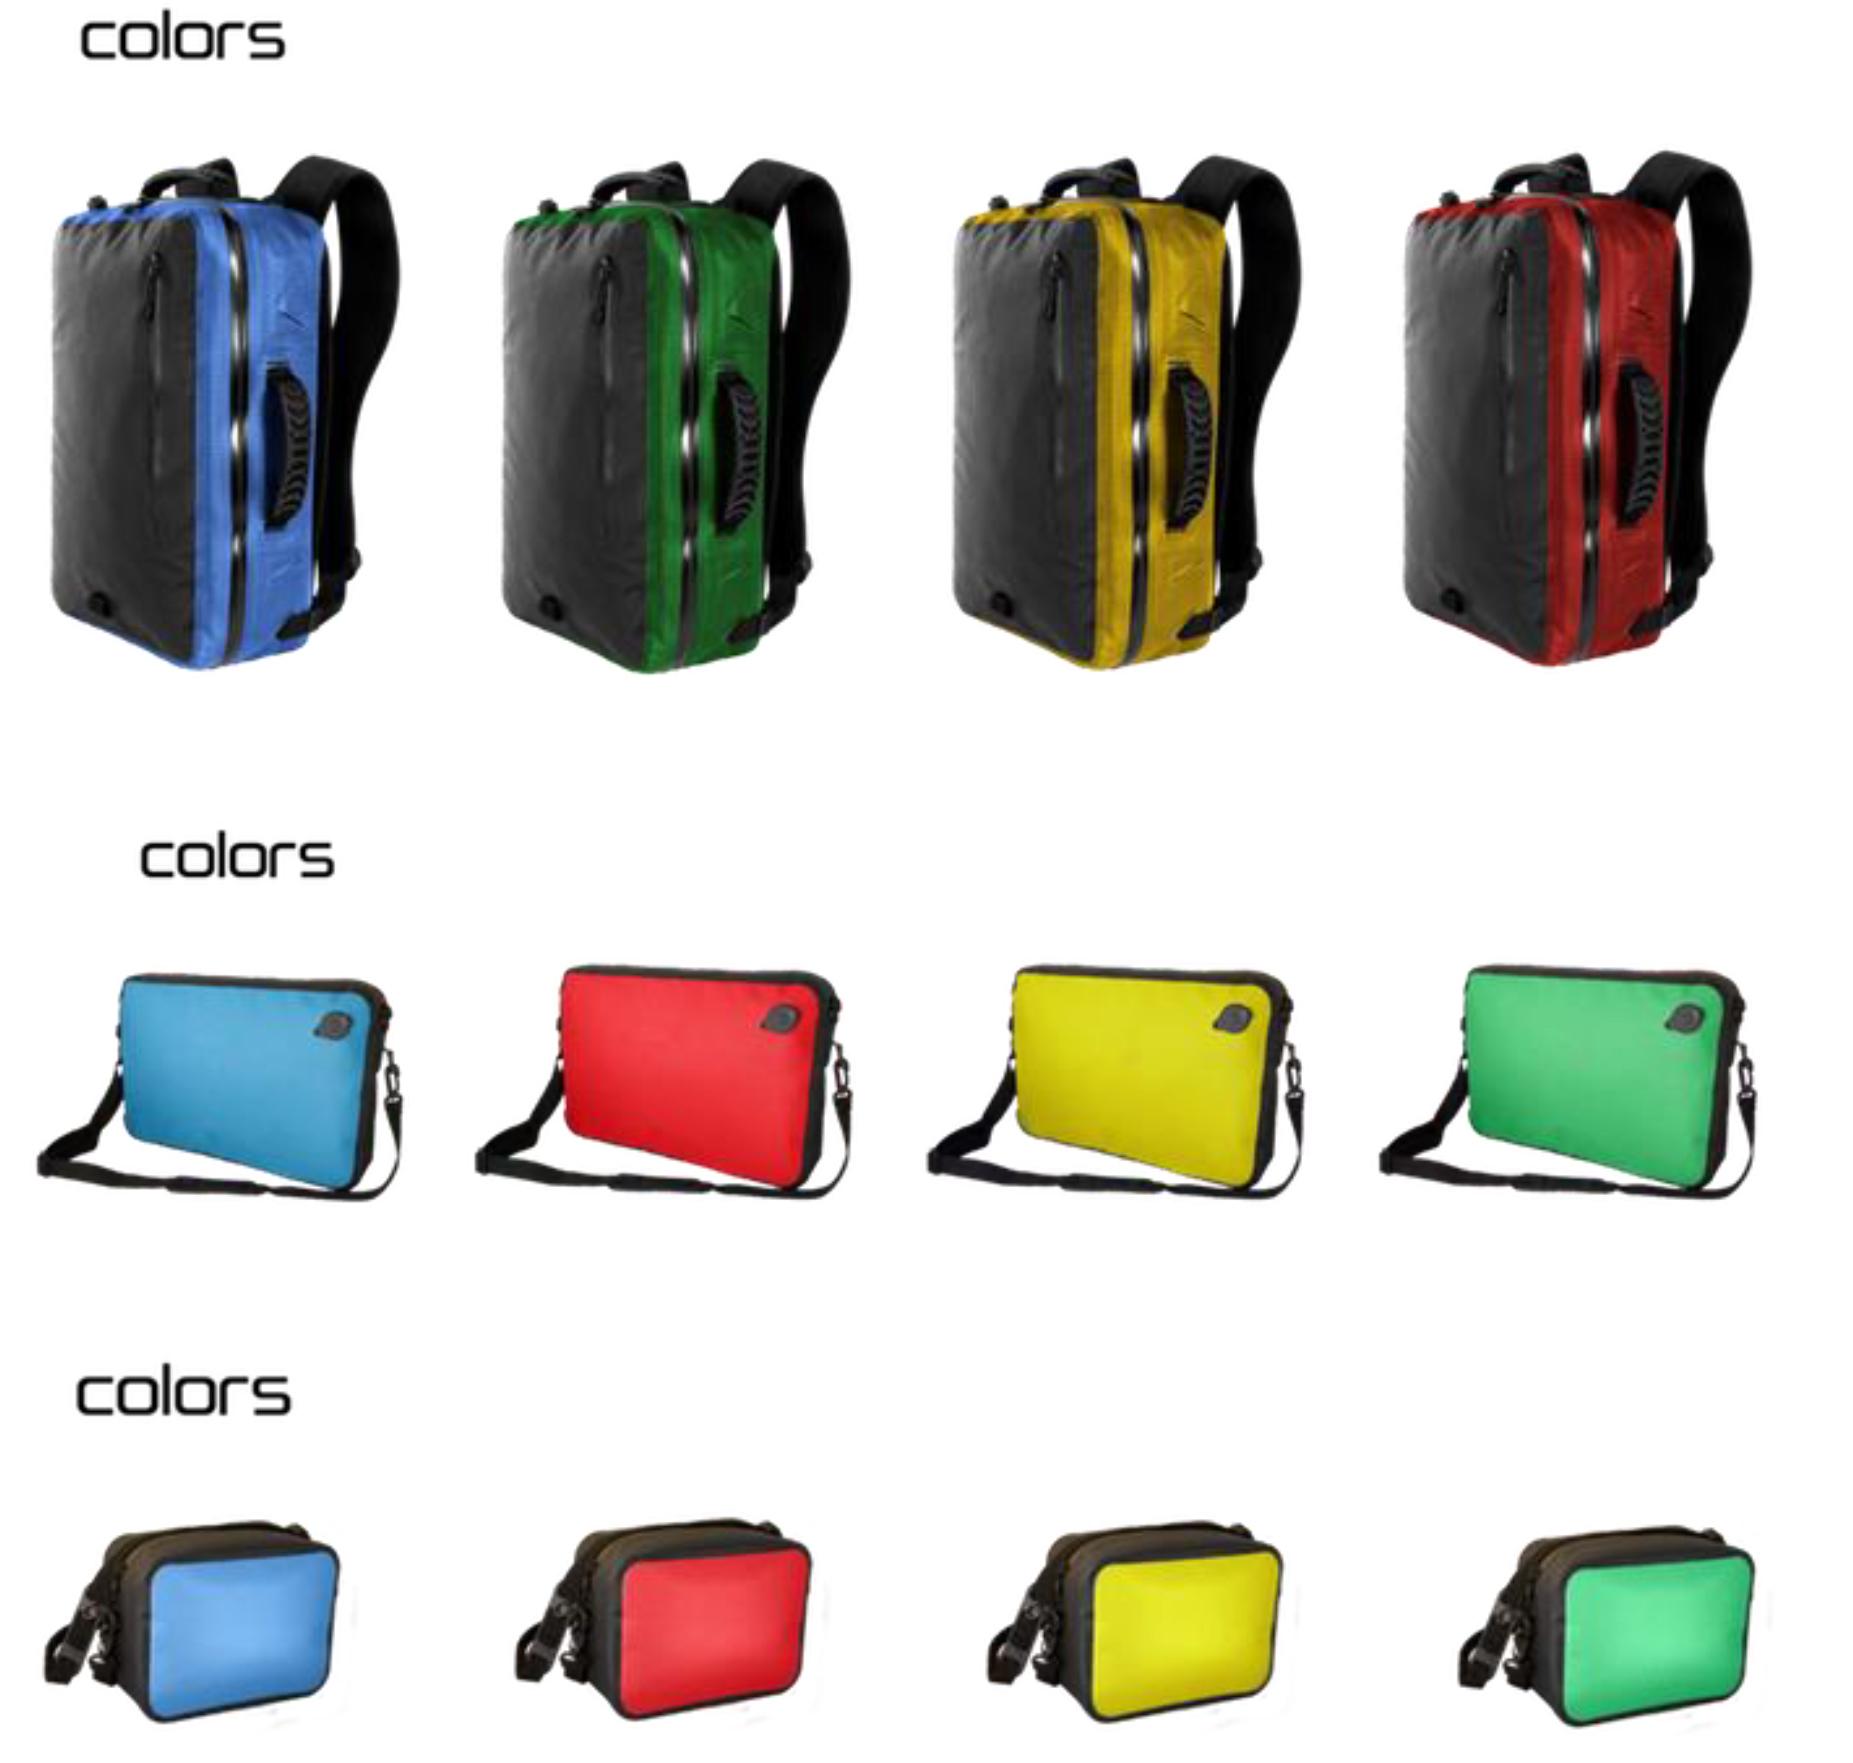 超軽量でありながら、衝撃に強く、水も通さないバッグシリーズ「Capsula Backpack & Bag」を紹介。内蔵バルブから空気を吹き込むことで、重さを増やさずに耐衝撃性の向上を実現。特殊なジッパーを使用し、耐水性も抜群のバックパックだ。